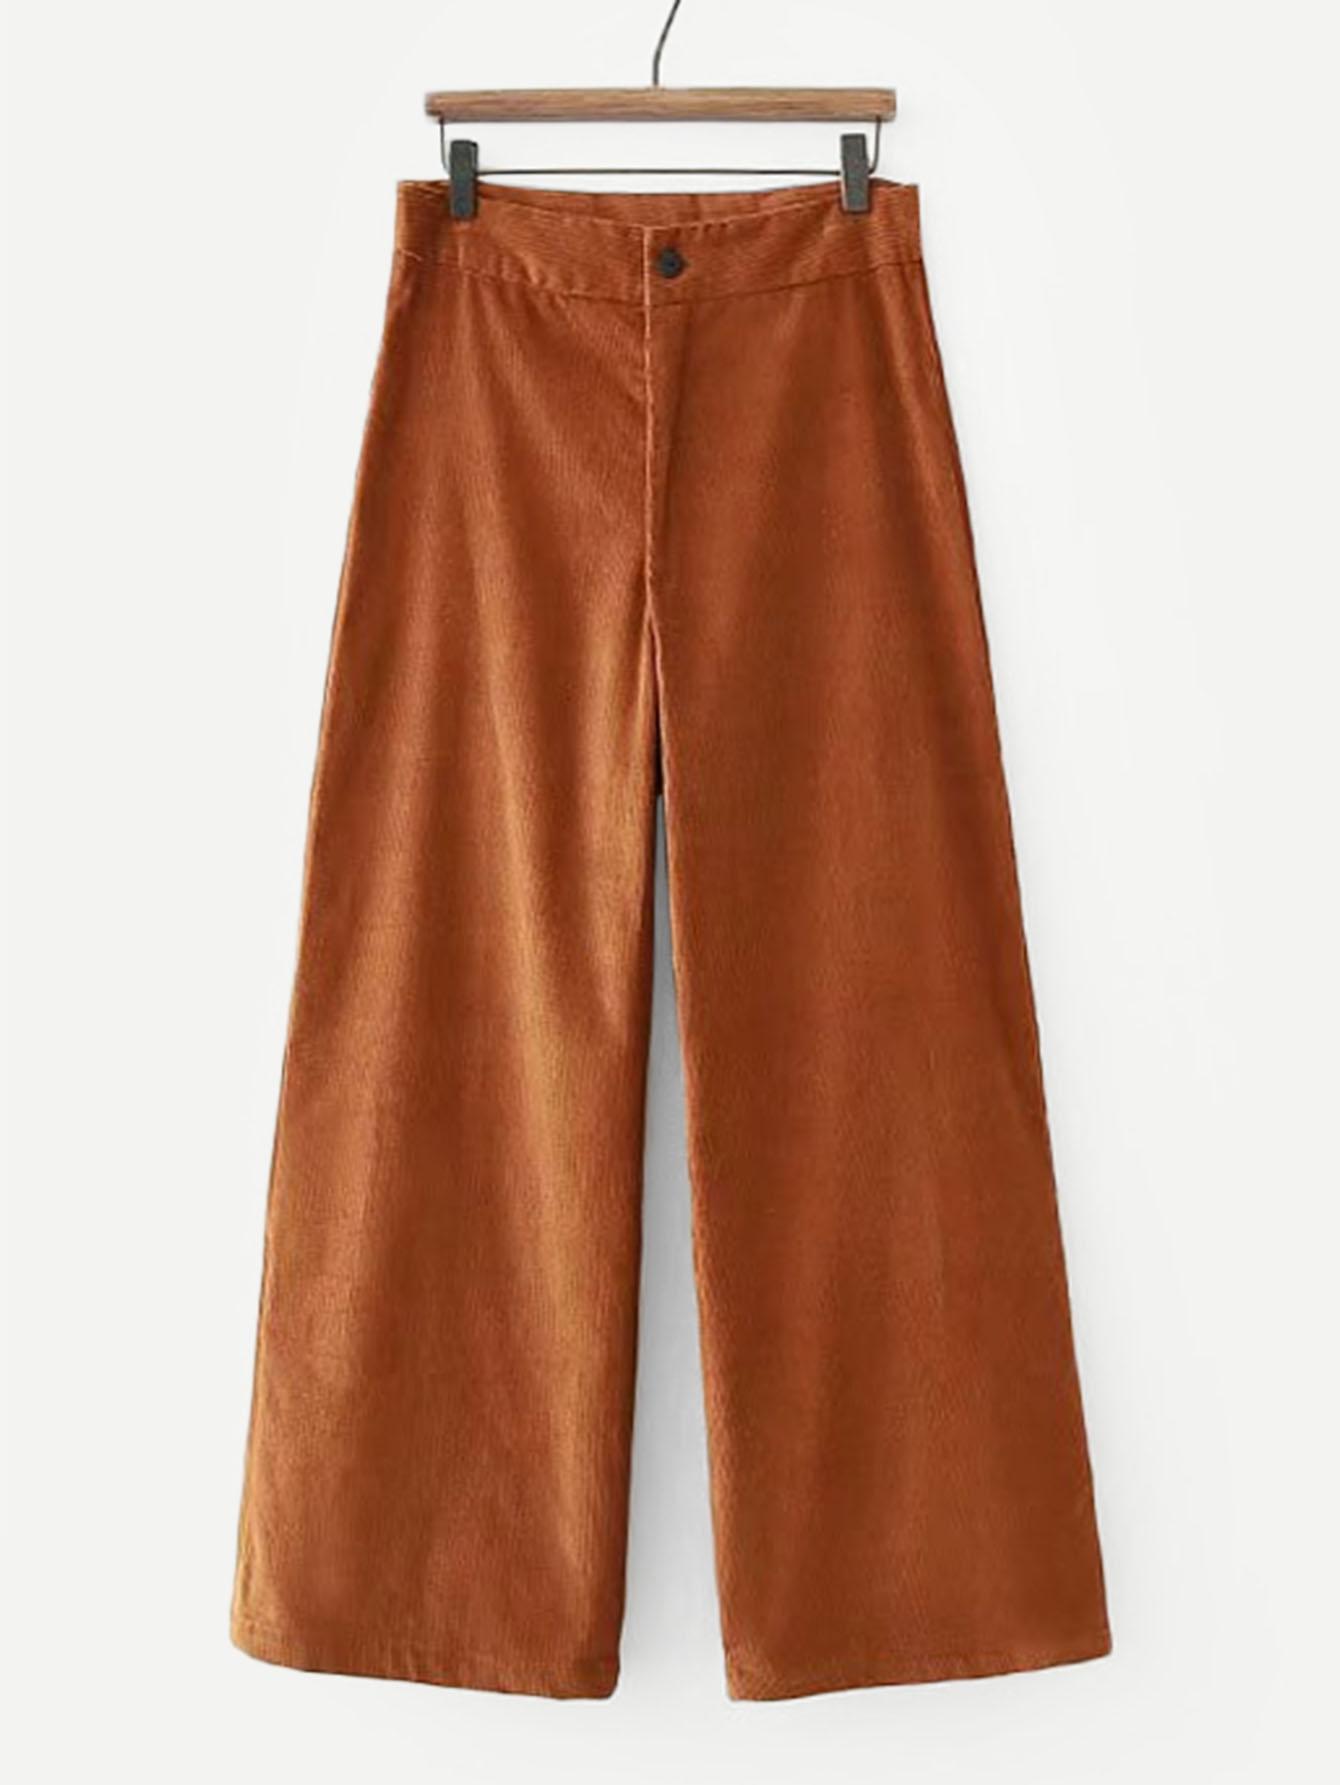 Купить Простые широкие ножные штаны из вельвет-корда, null, SheIn